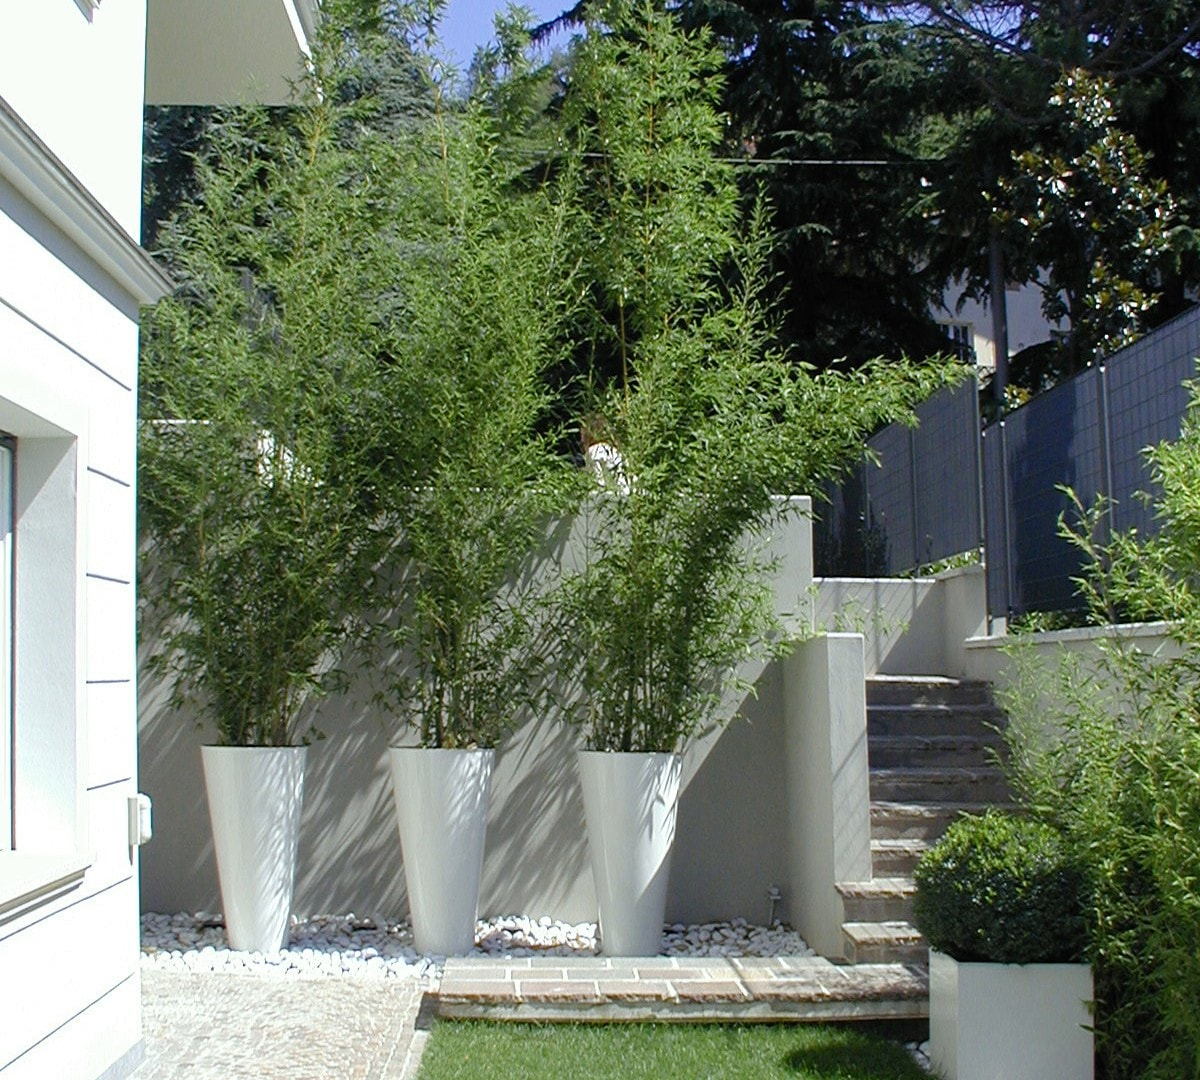 Illuminazione Scenografica Giardino: Luci sul giardino carducci ...